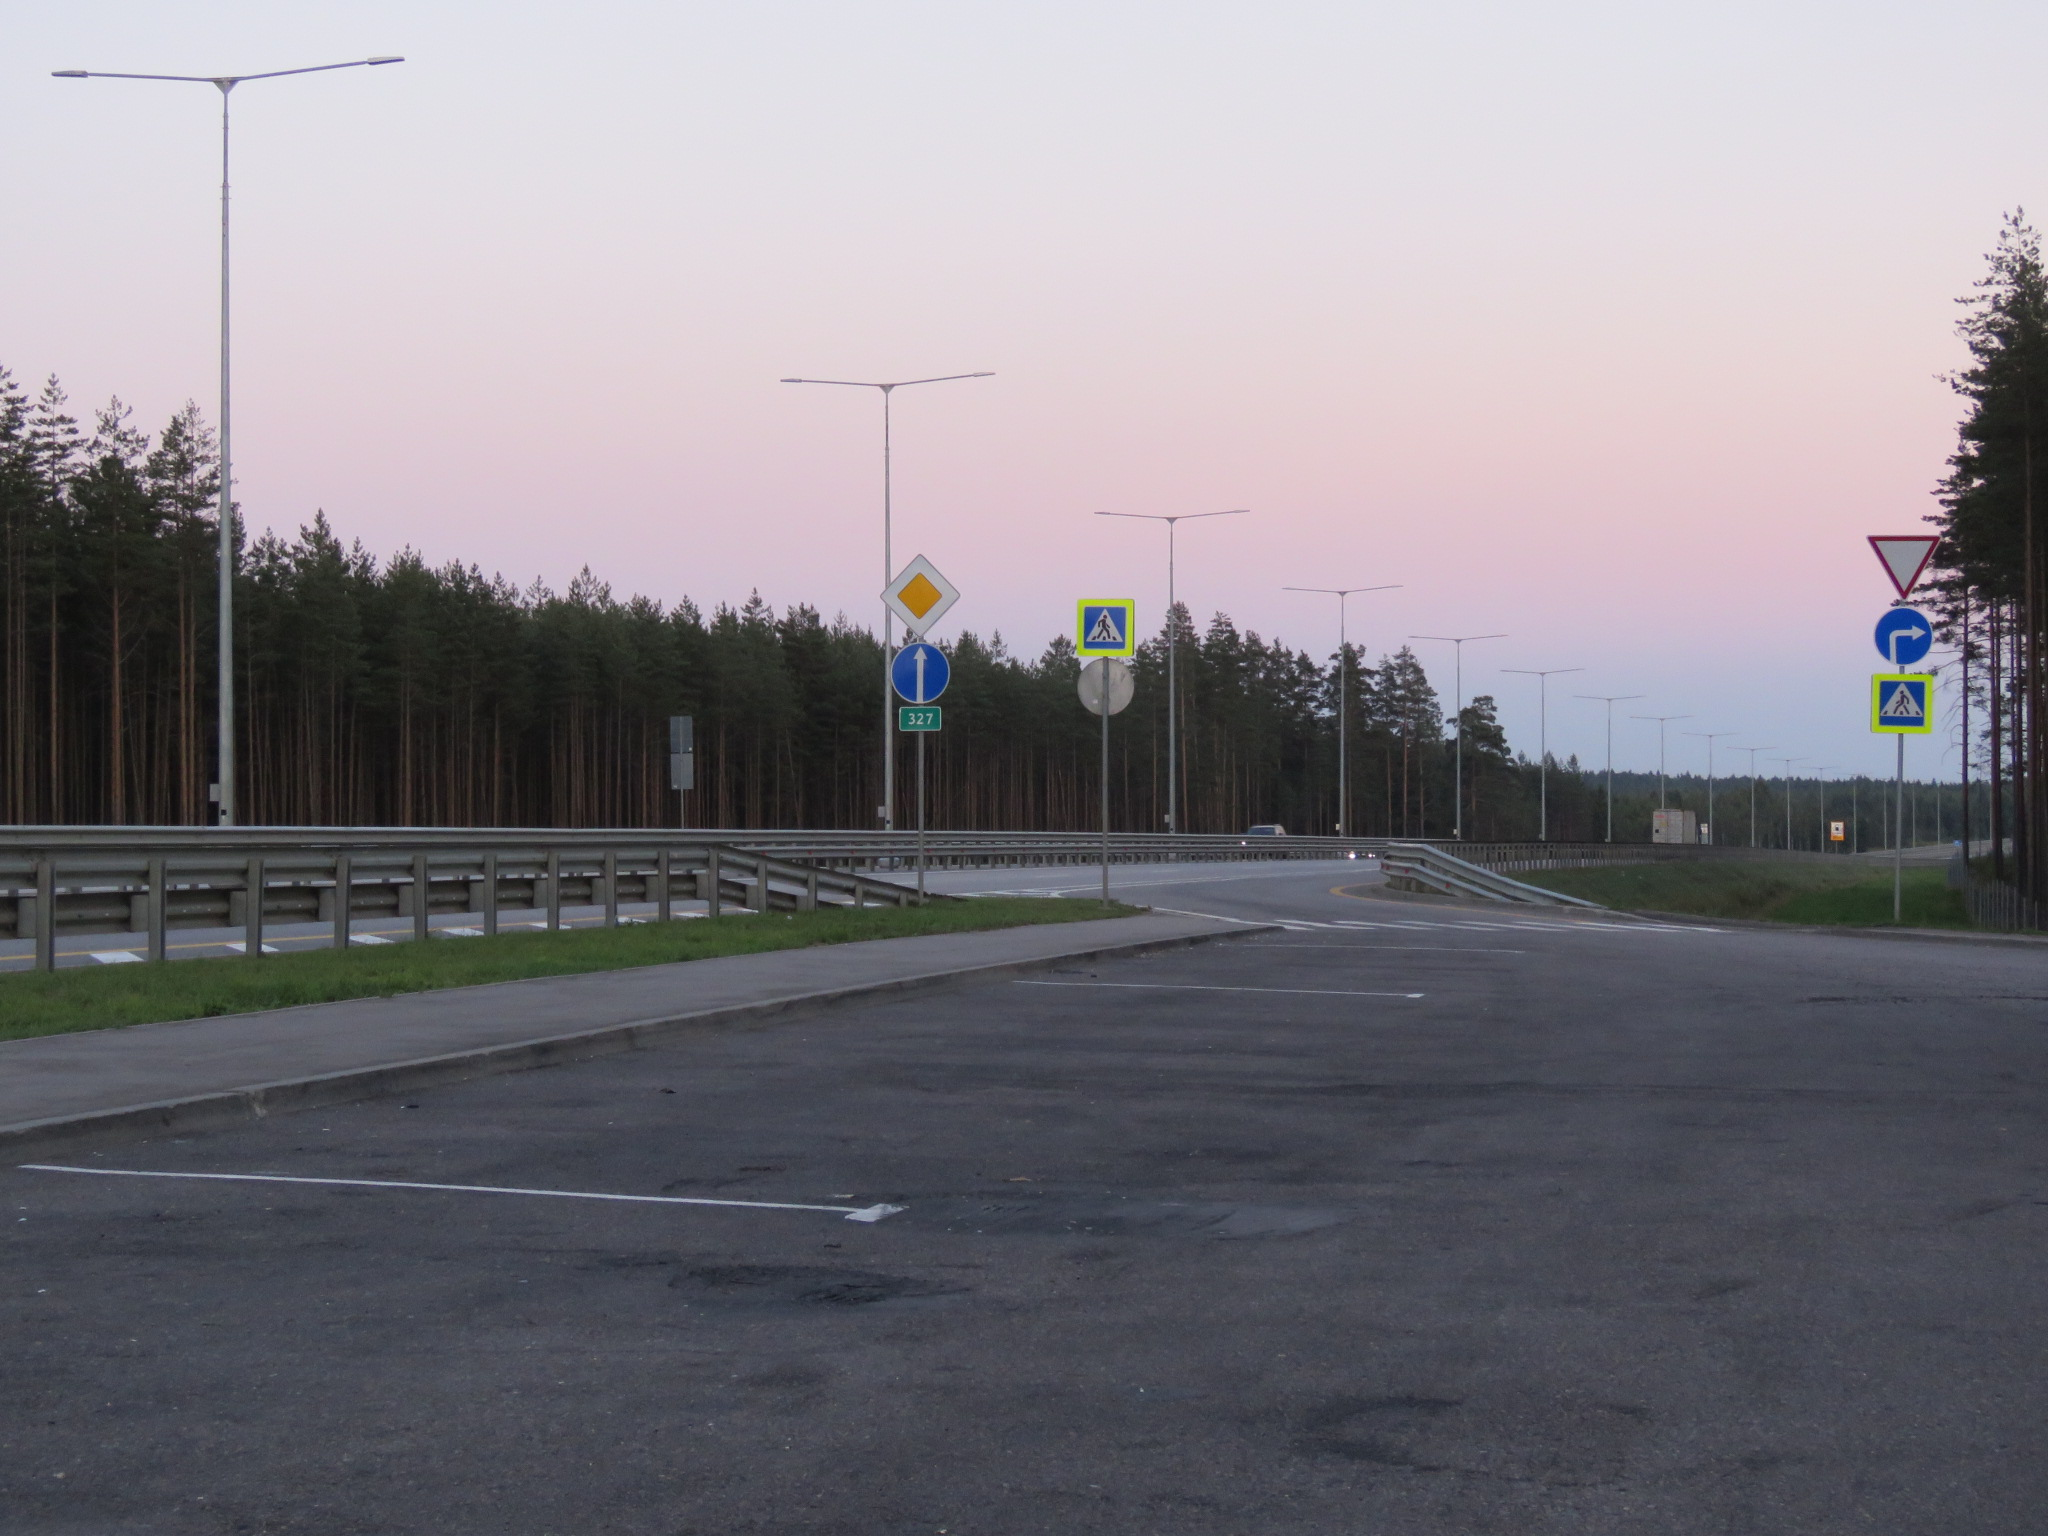 Первый русский автобан. Трасса М11 от Новгорода до Торжка